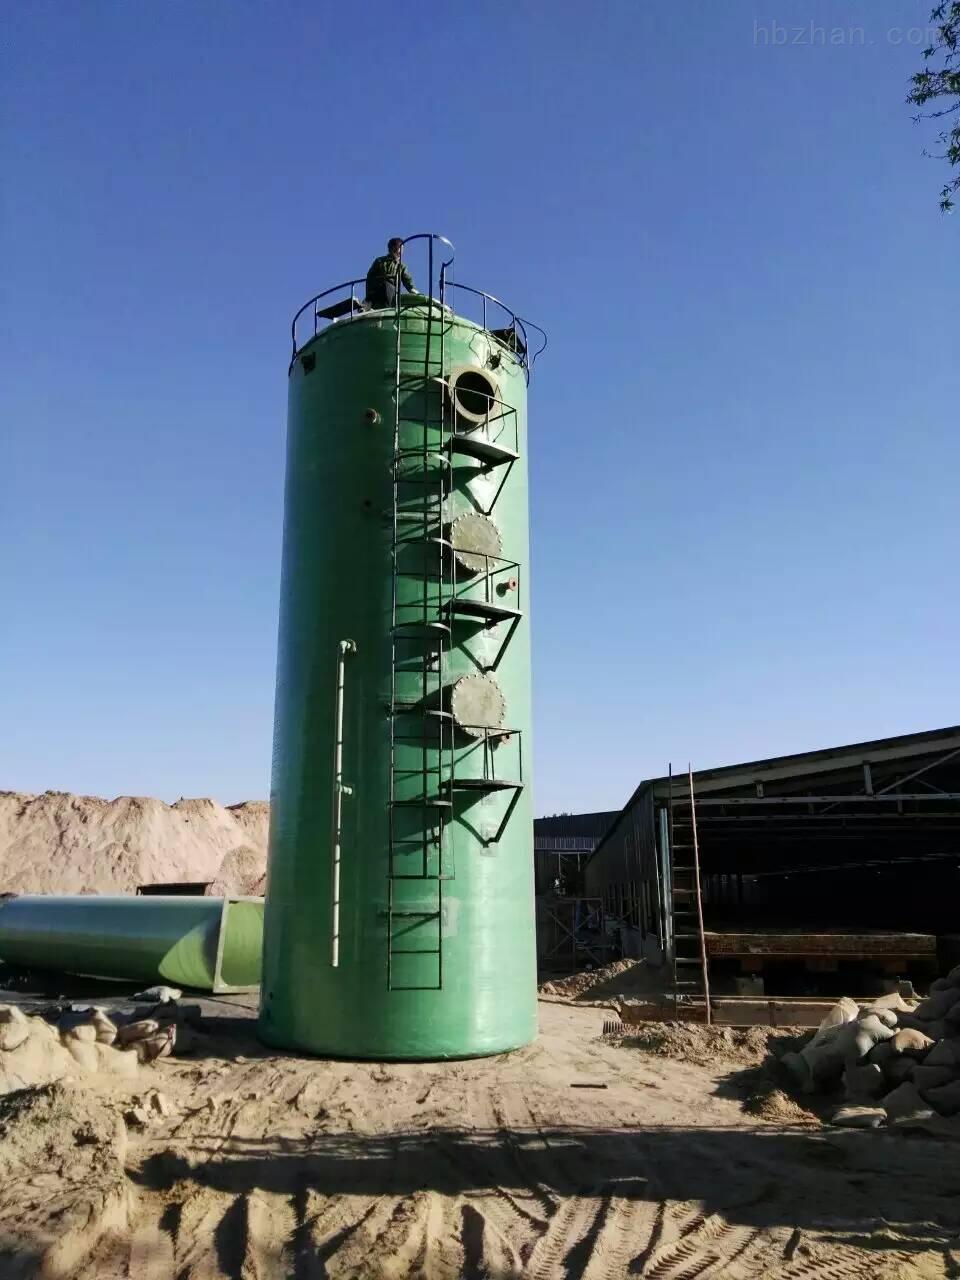 泸州市政污水管道厂家泸州市政污水管道